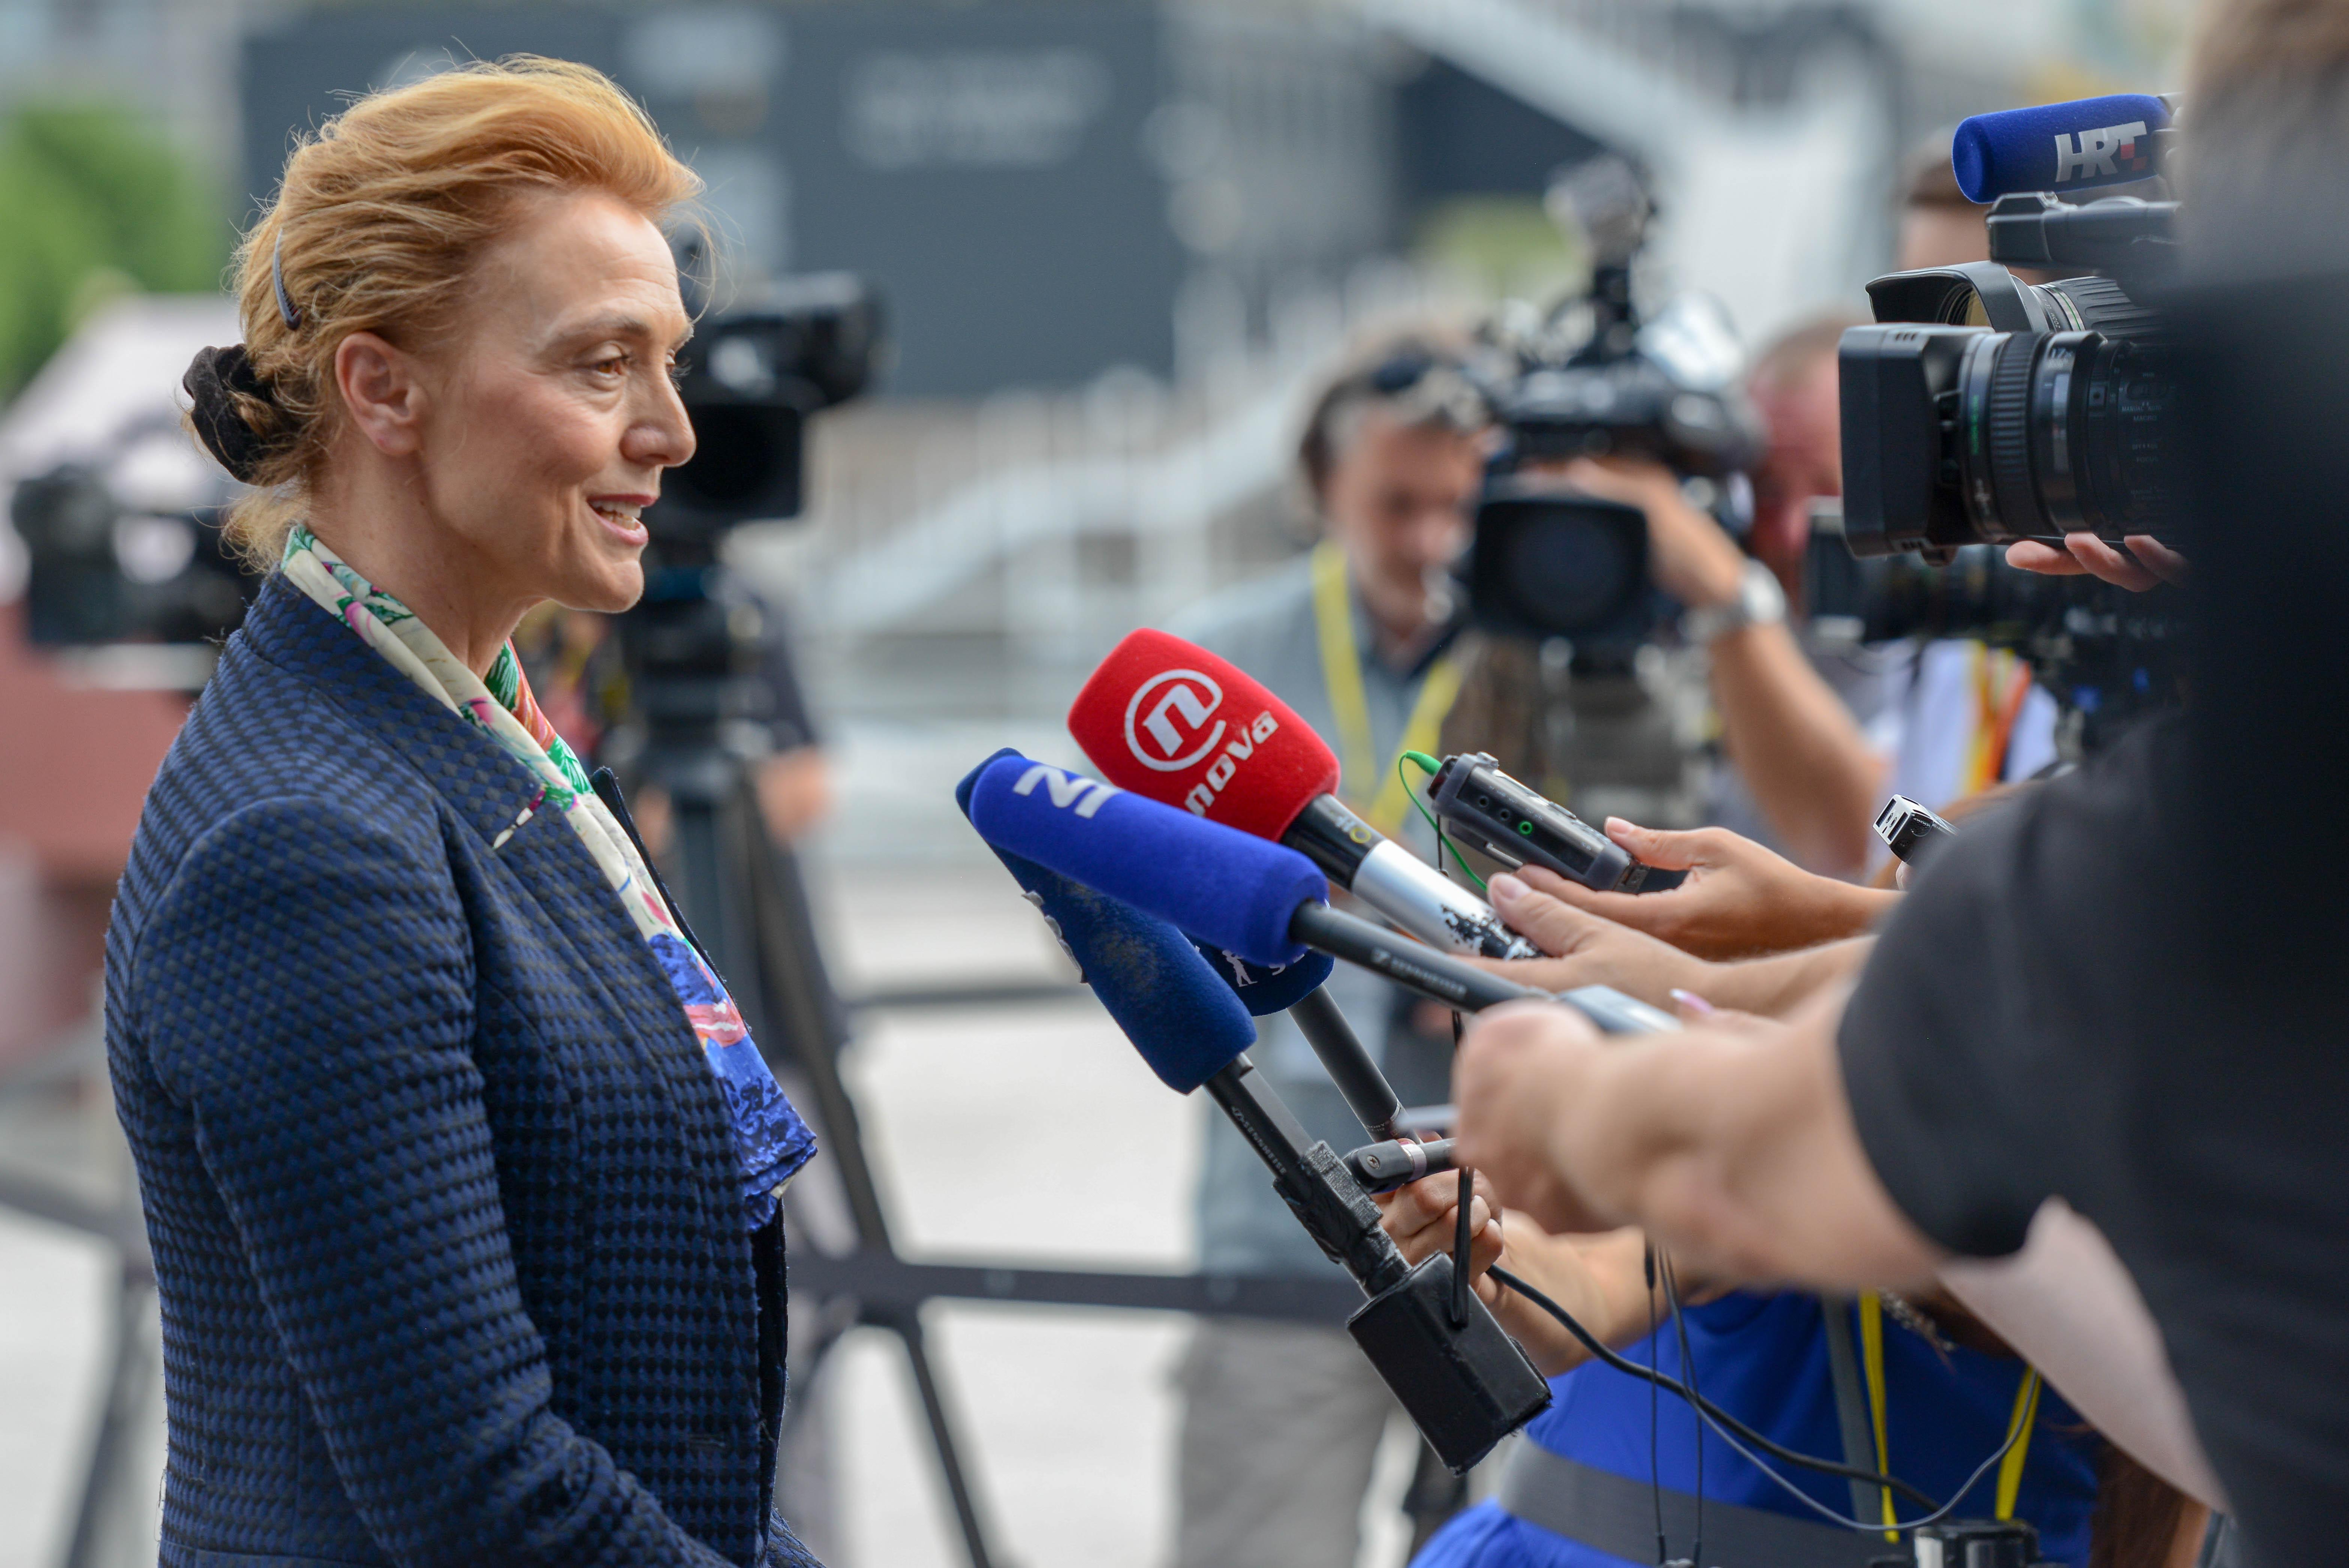 """PEJČINOVIĆ BURIĆ """"U interesu nam je da sve zemlje jugoistočne Europe što prije uđu u EU"""""""